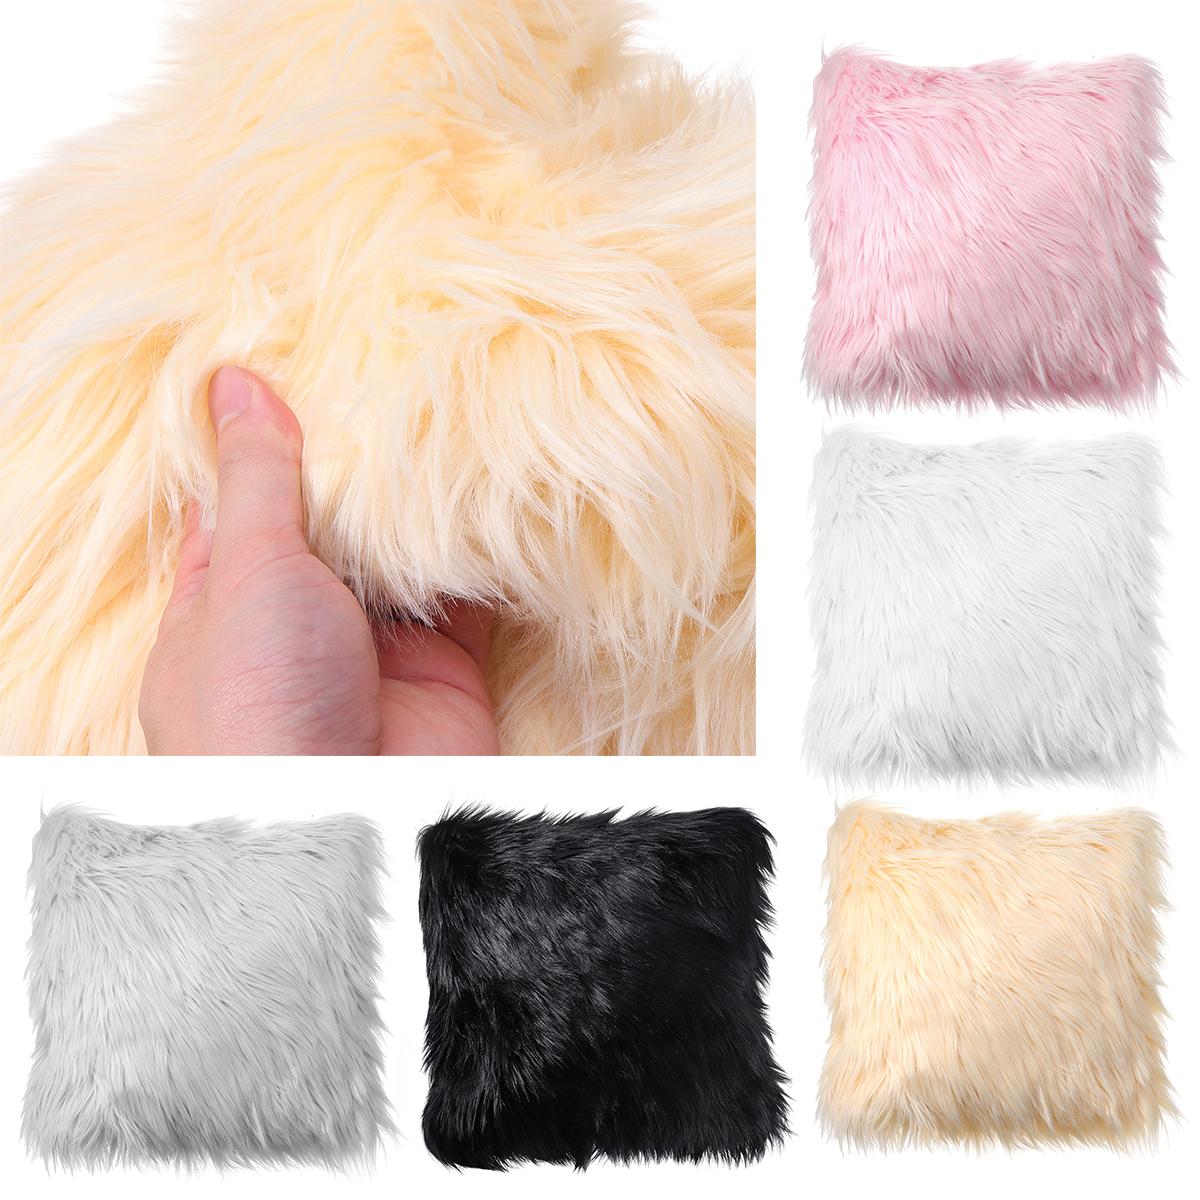 40x40 Faux Wool Fur Cushion Cover Fluffy Soft Plush Throw Pillow Case Home Decor